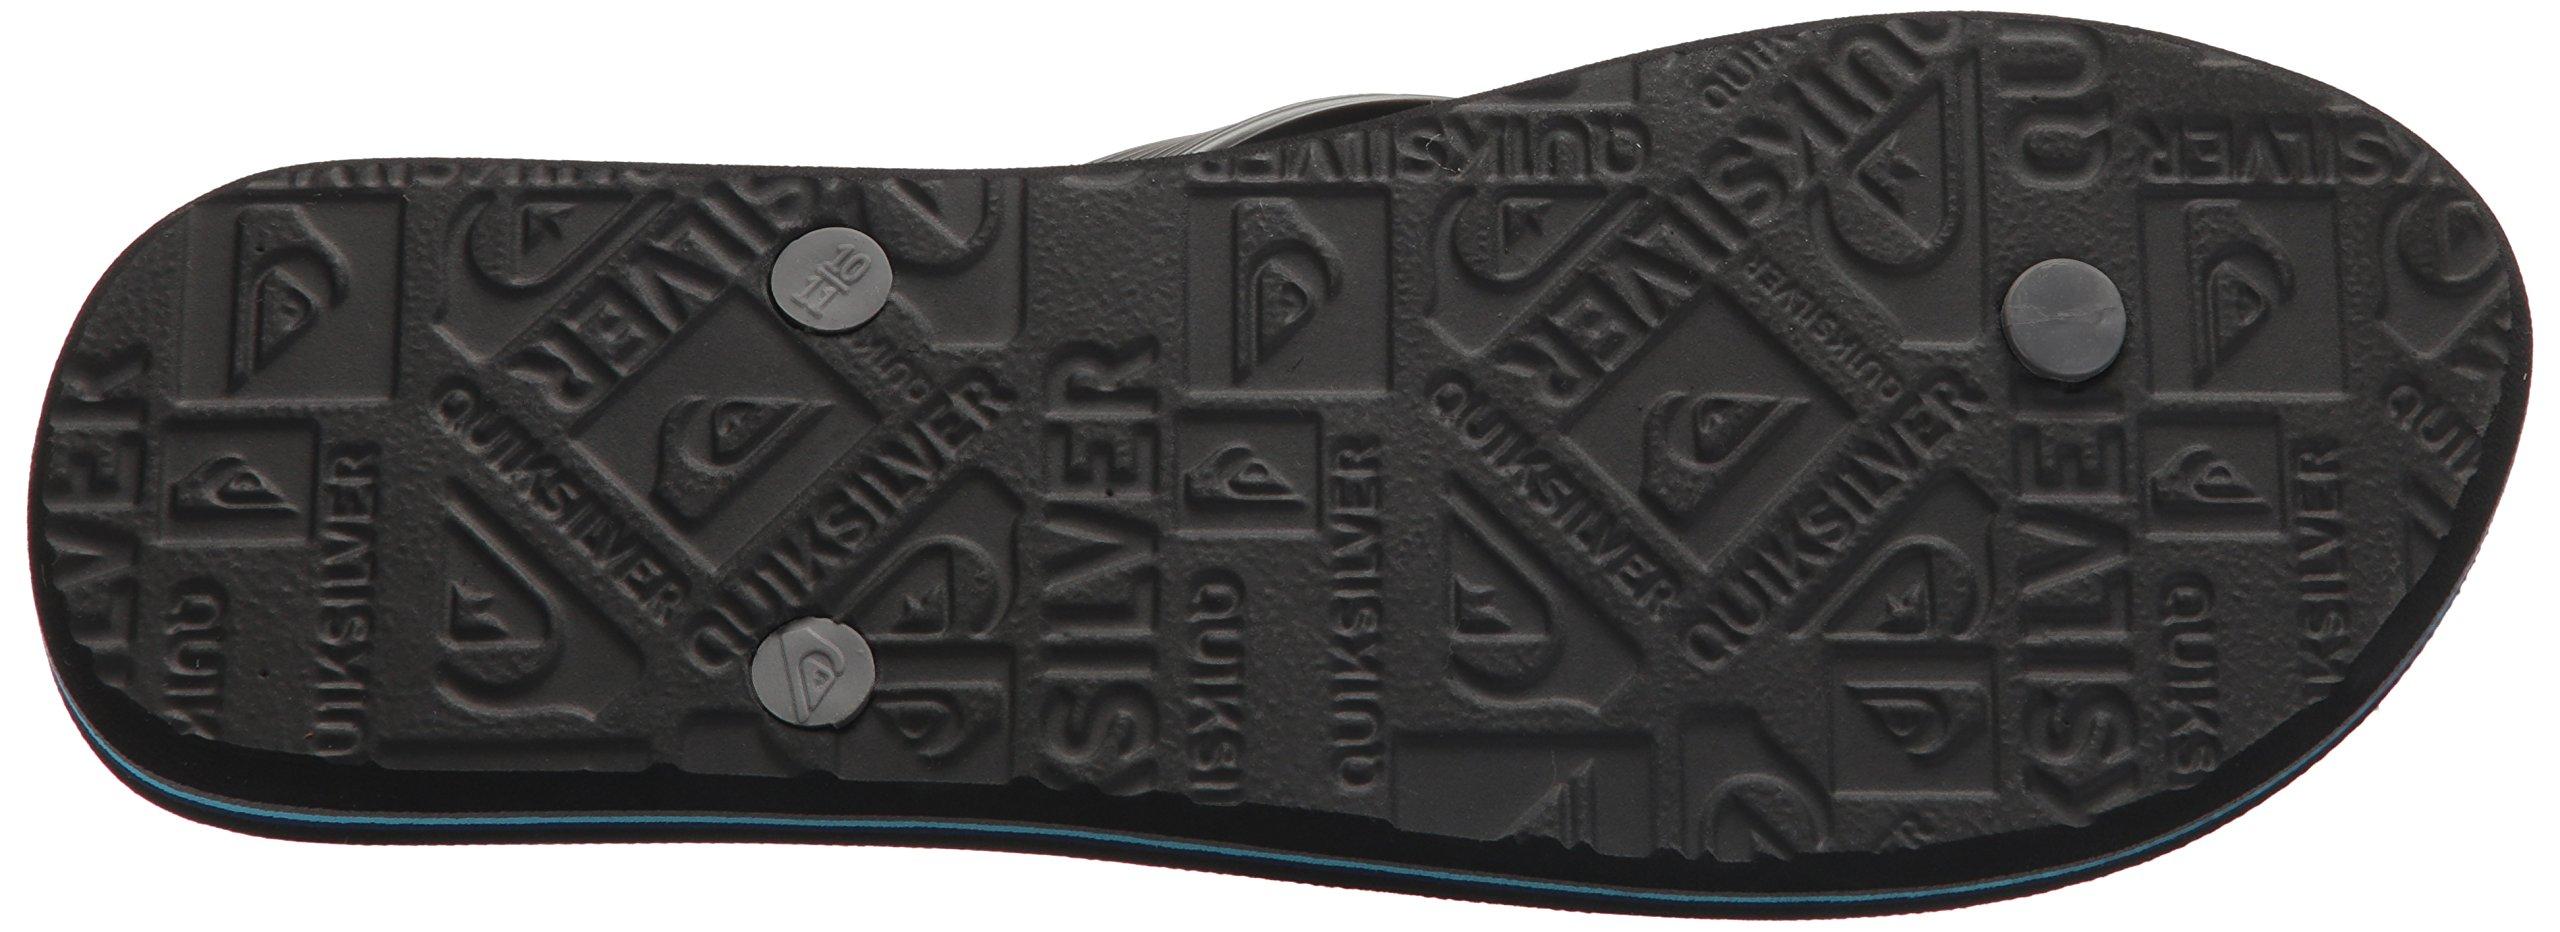 Quiksilver Men's Molokai Slash Sandal, Black/Grey/Blue, 6 D US by Quiksilver (Image #3)